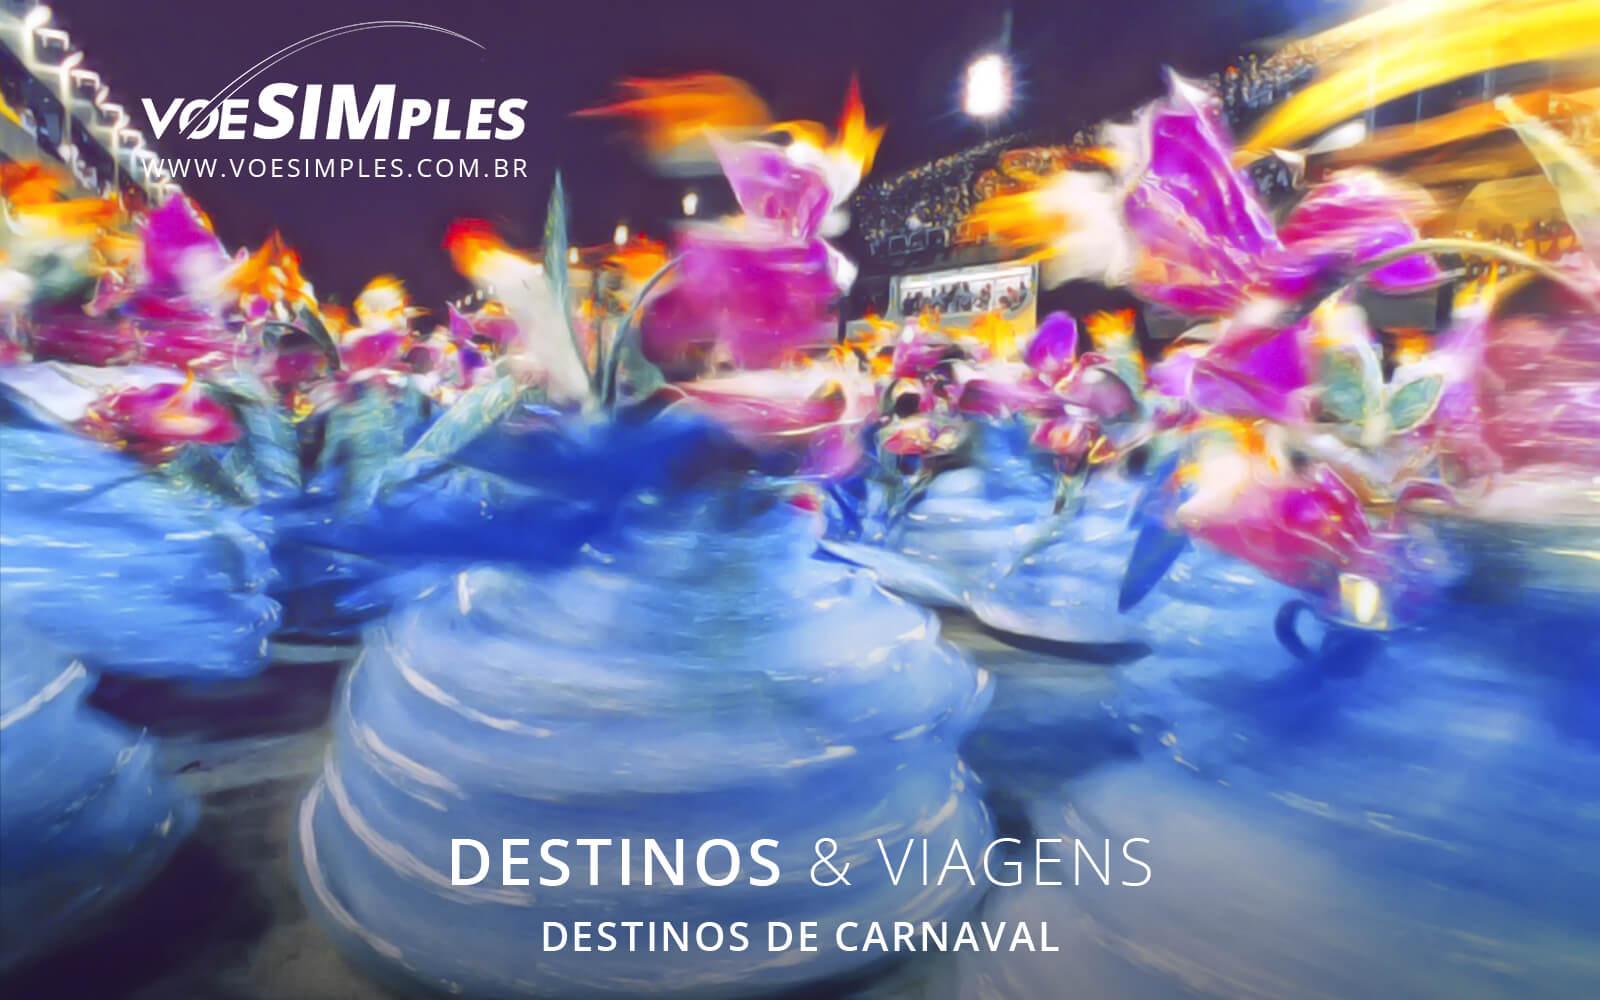 12 destinos sensacionais para passar o Carnaval   Voe Simples